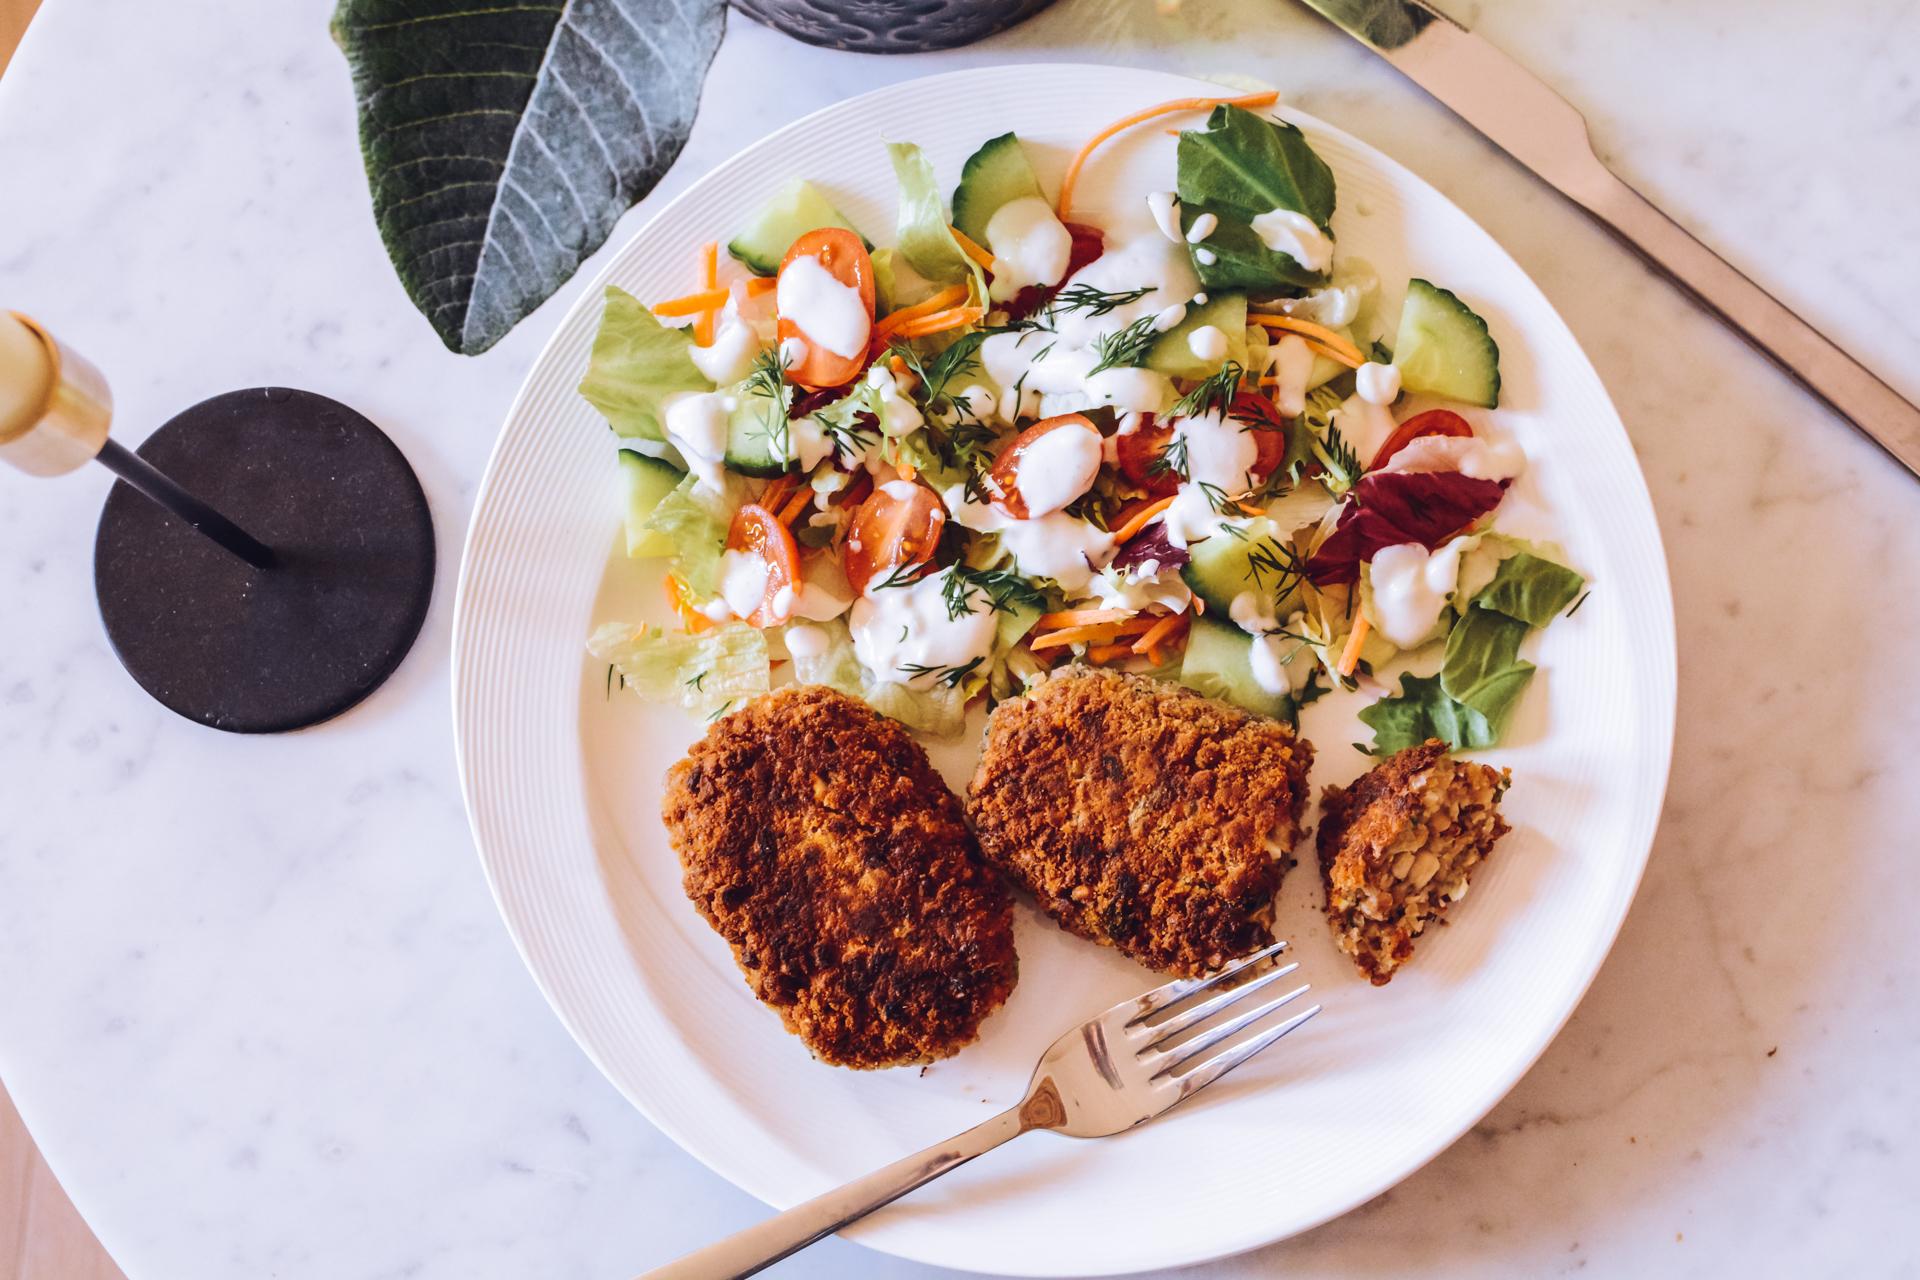 Kotlety z kaszy gryczanej, jajek i pieczarek - wegetariański obiad